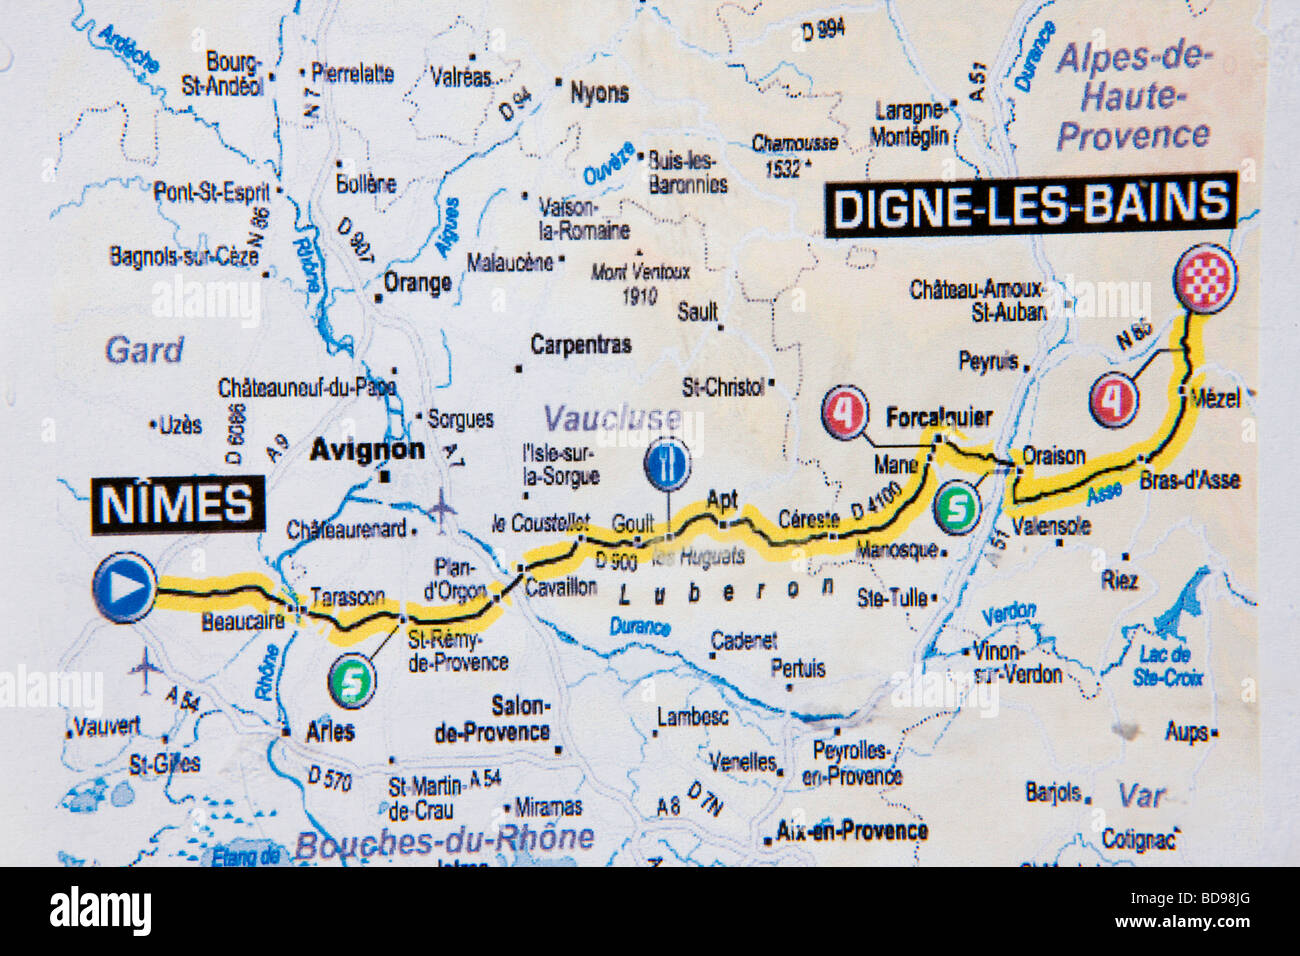 Tour de france route stock photos tour de france route stock route of tour de france 2008 provence france stock image gumiabroncs Choice Image